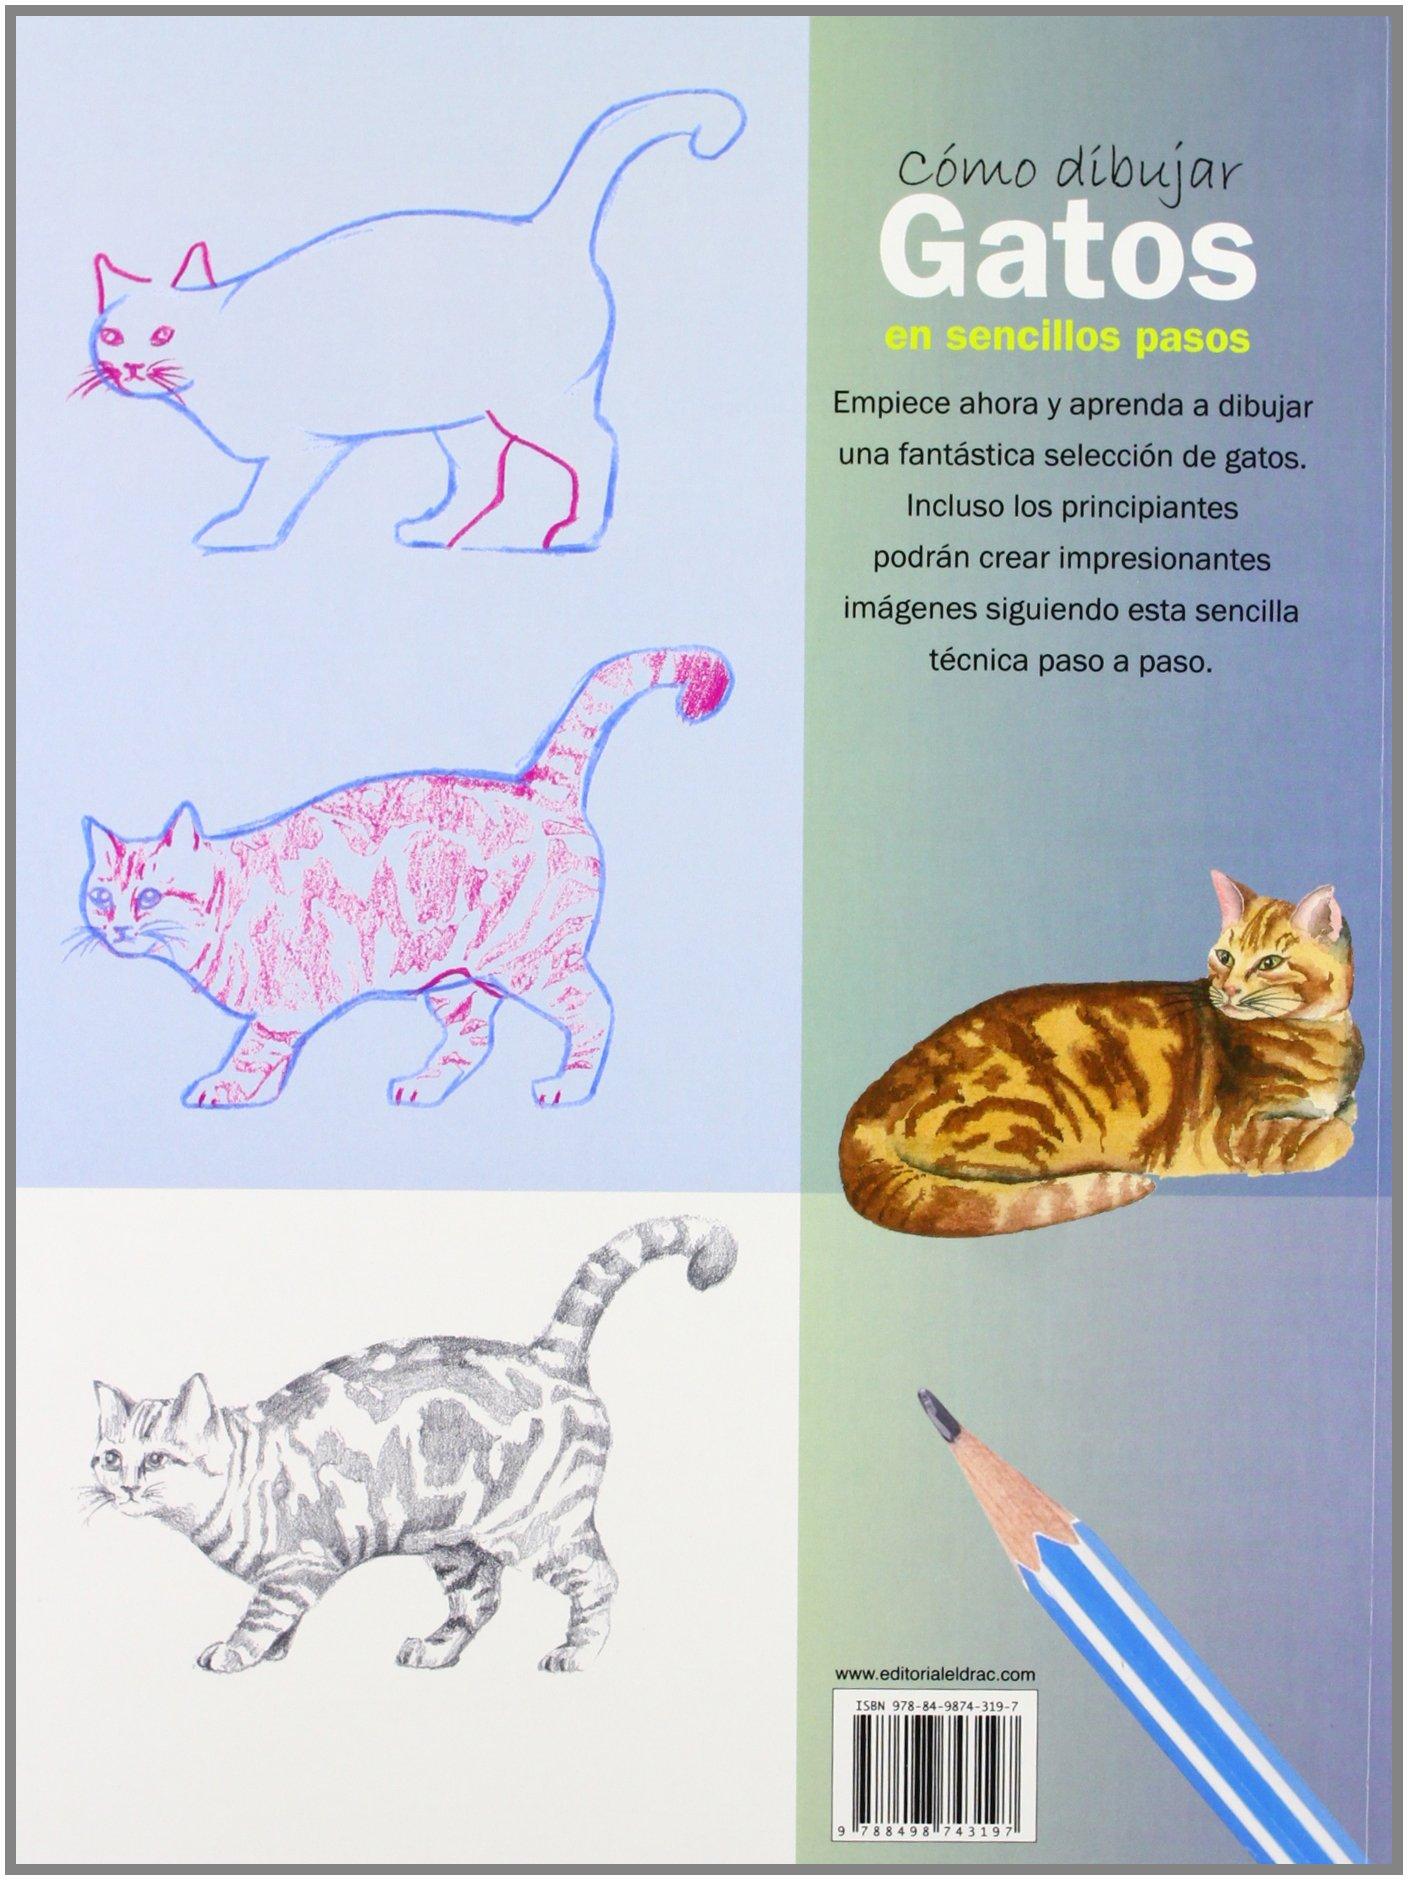 Cómo Dibujar Gatos En Sencillos Pasos (Como Dibujar): Amazon.es ...